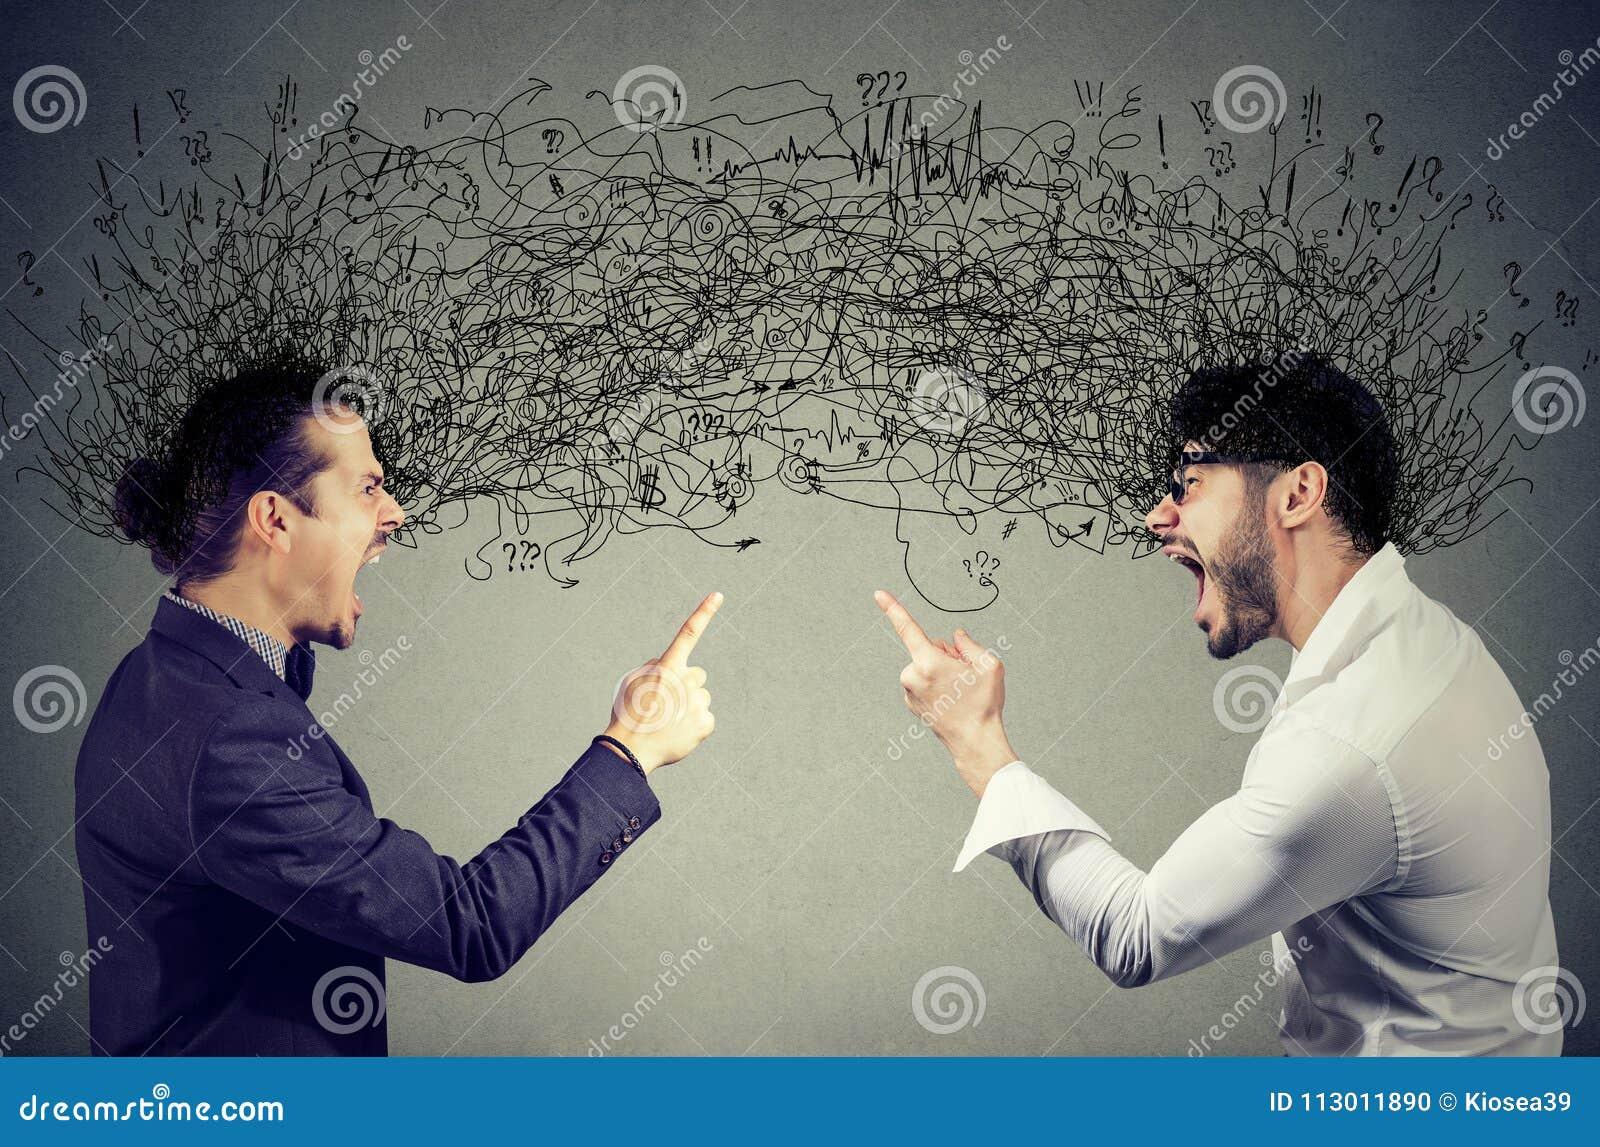 Verärgerte Männer, die an einander austauschend mit negativen Gedanken schreien